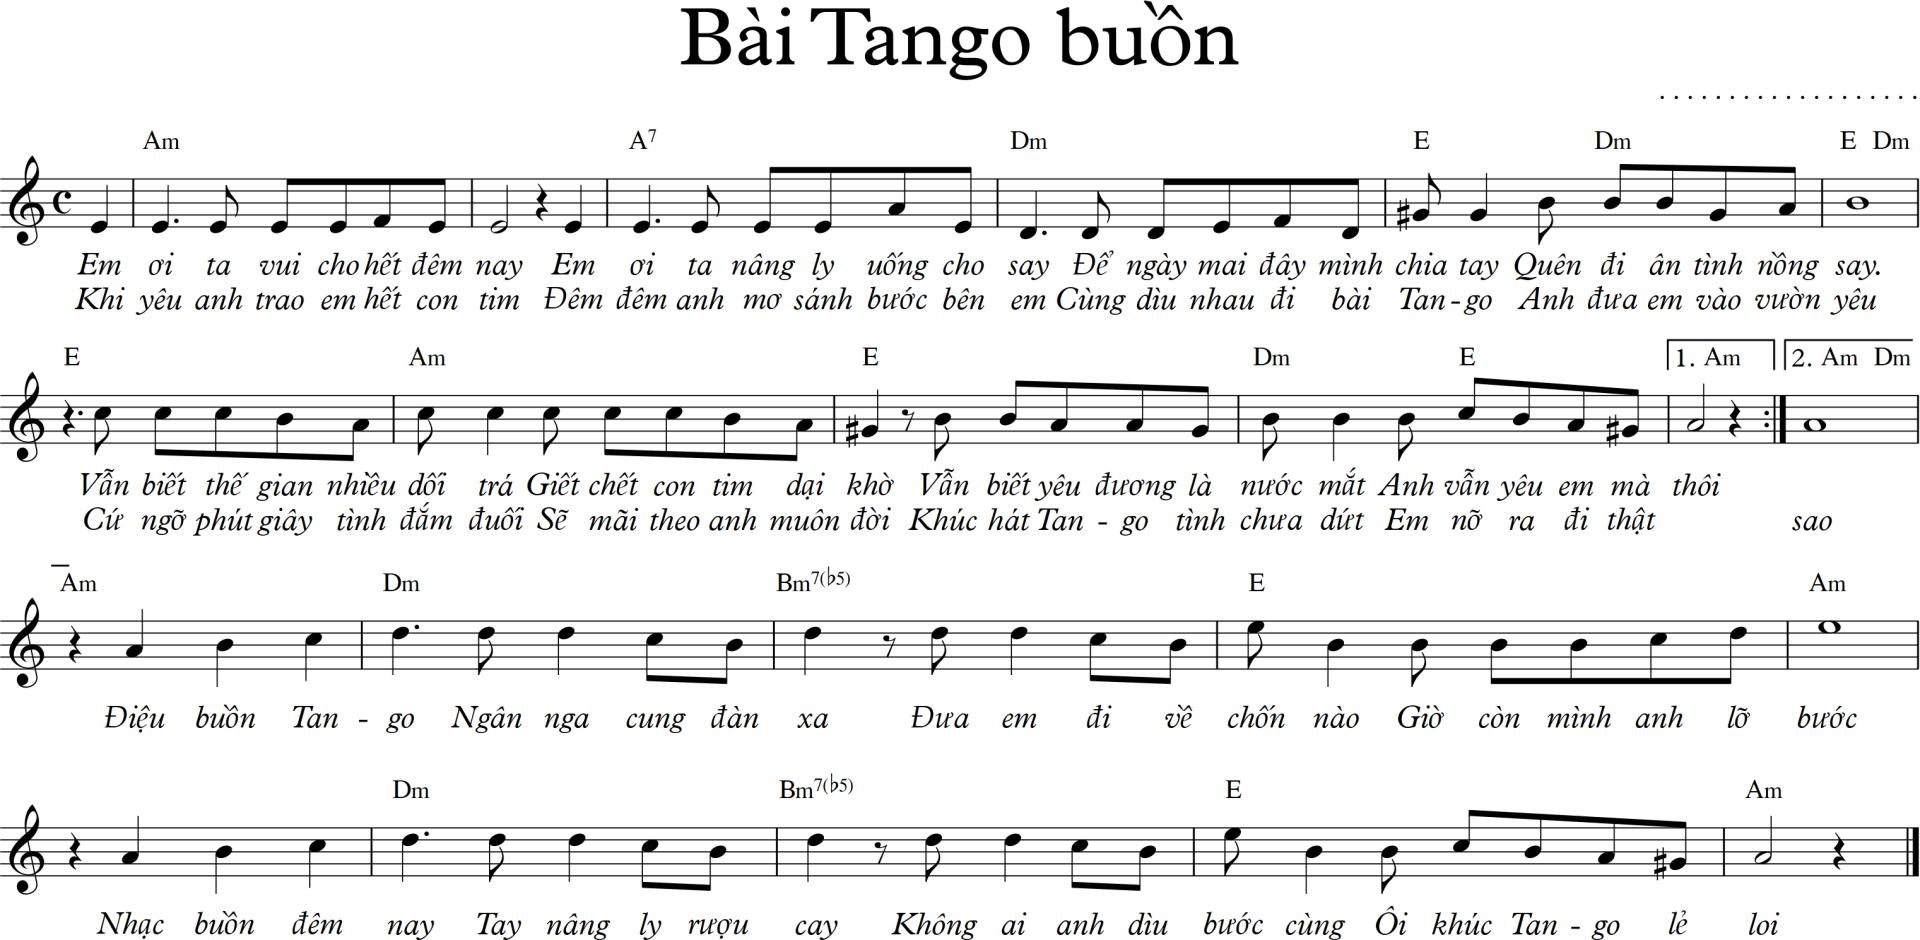 Sheet nhạc bài hát bài Tango buồn